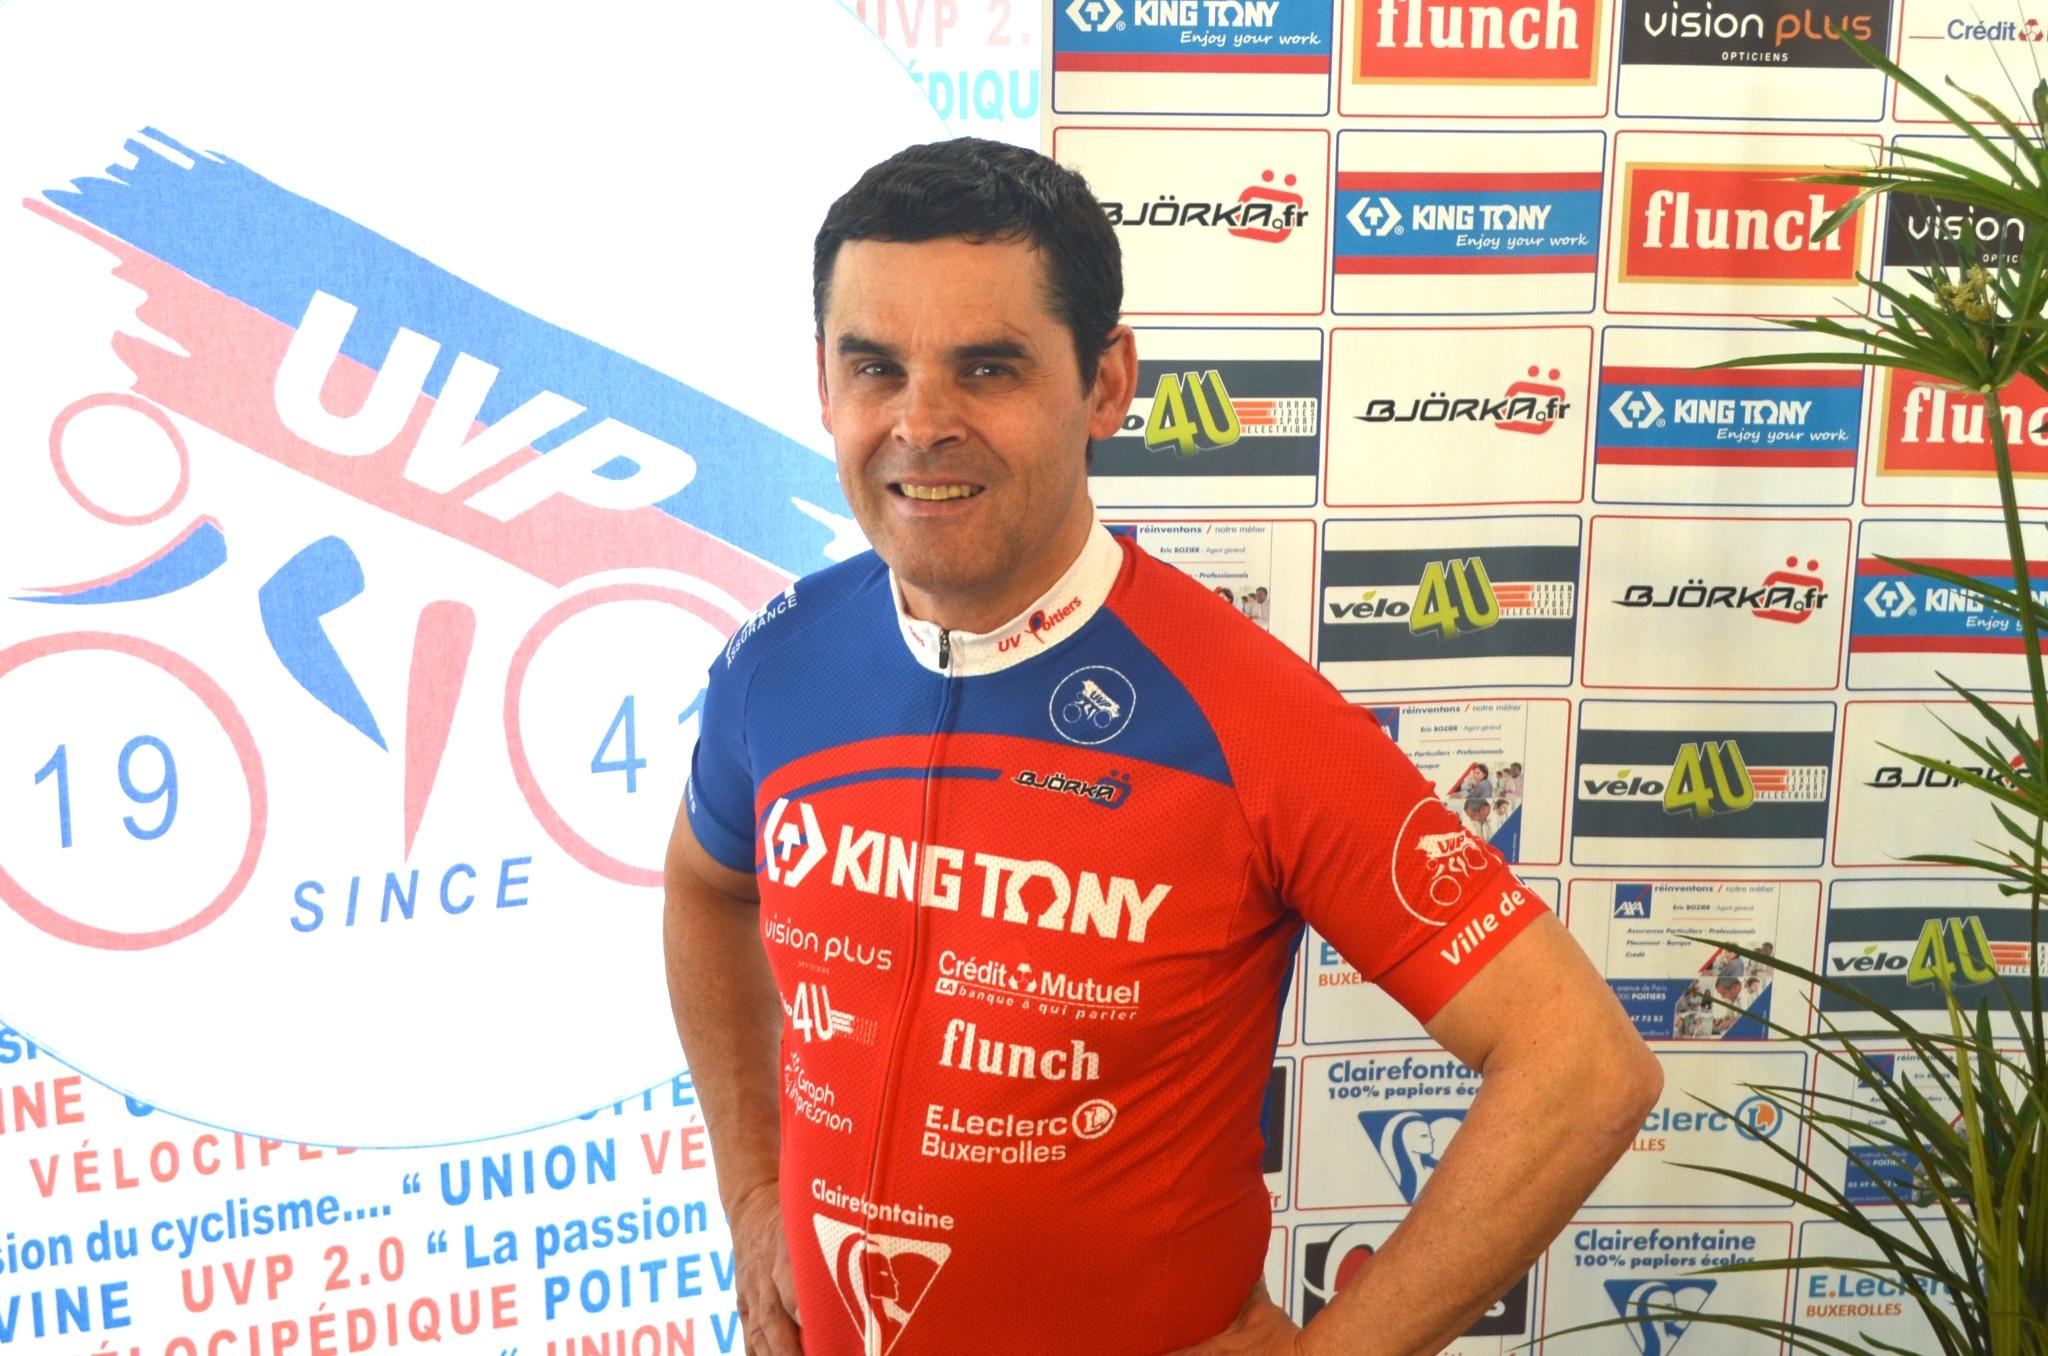 Bruno ROULLET